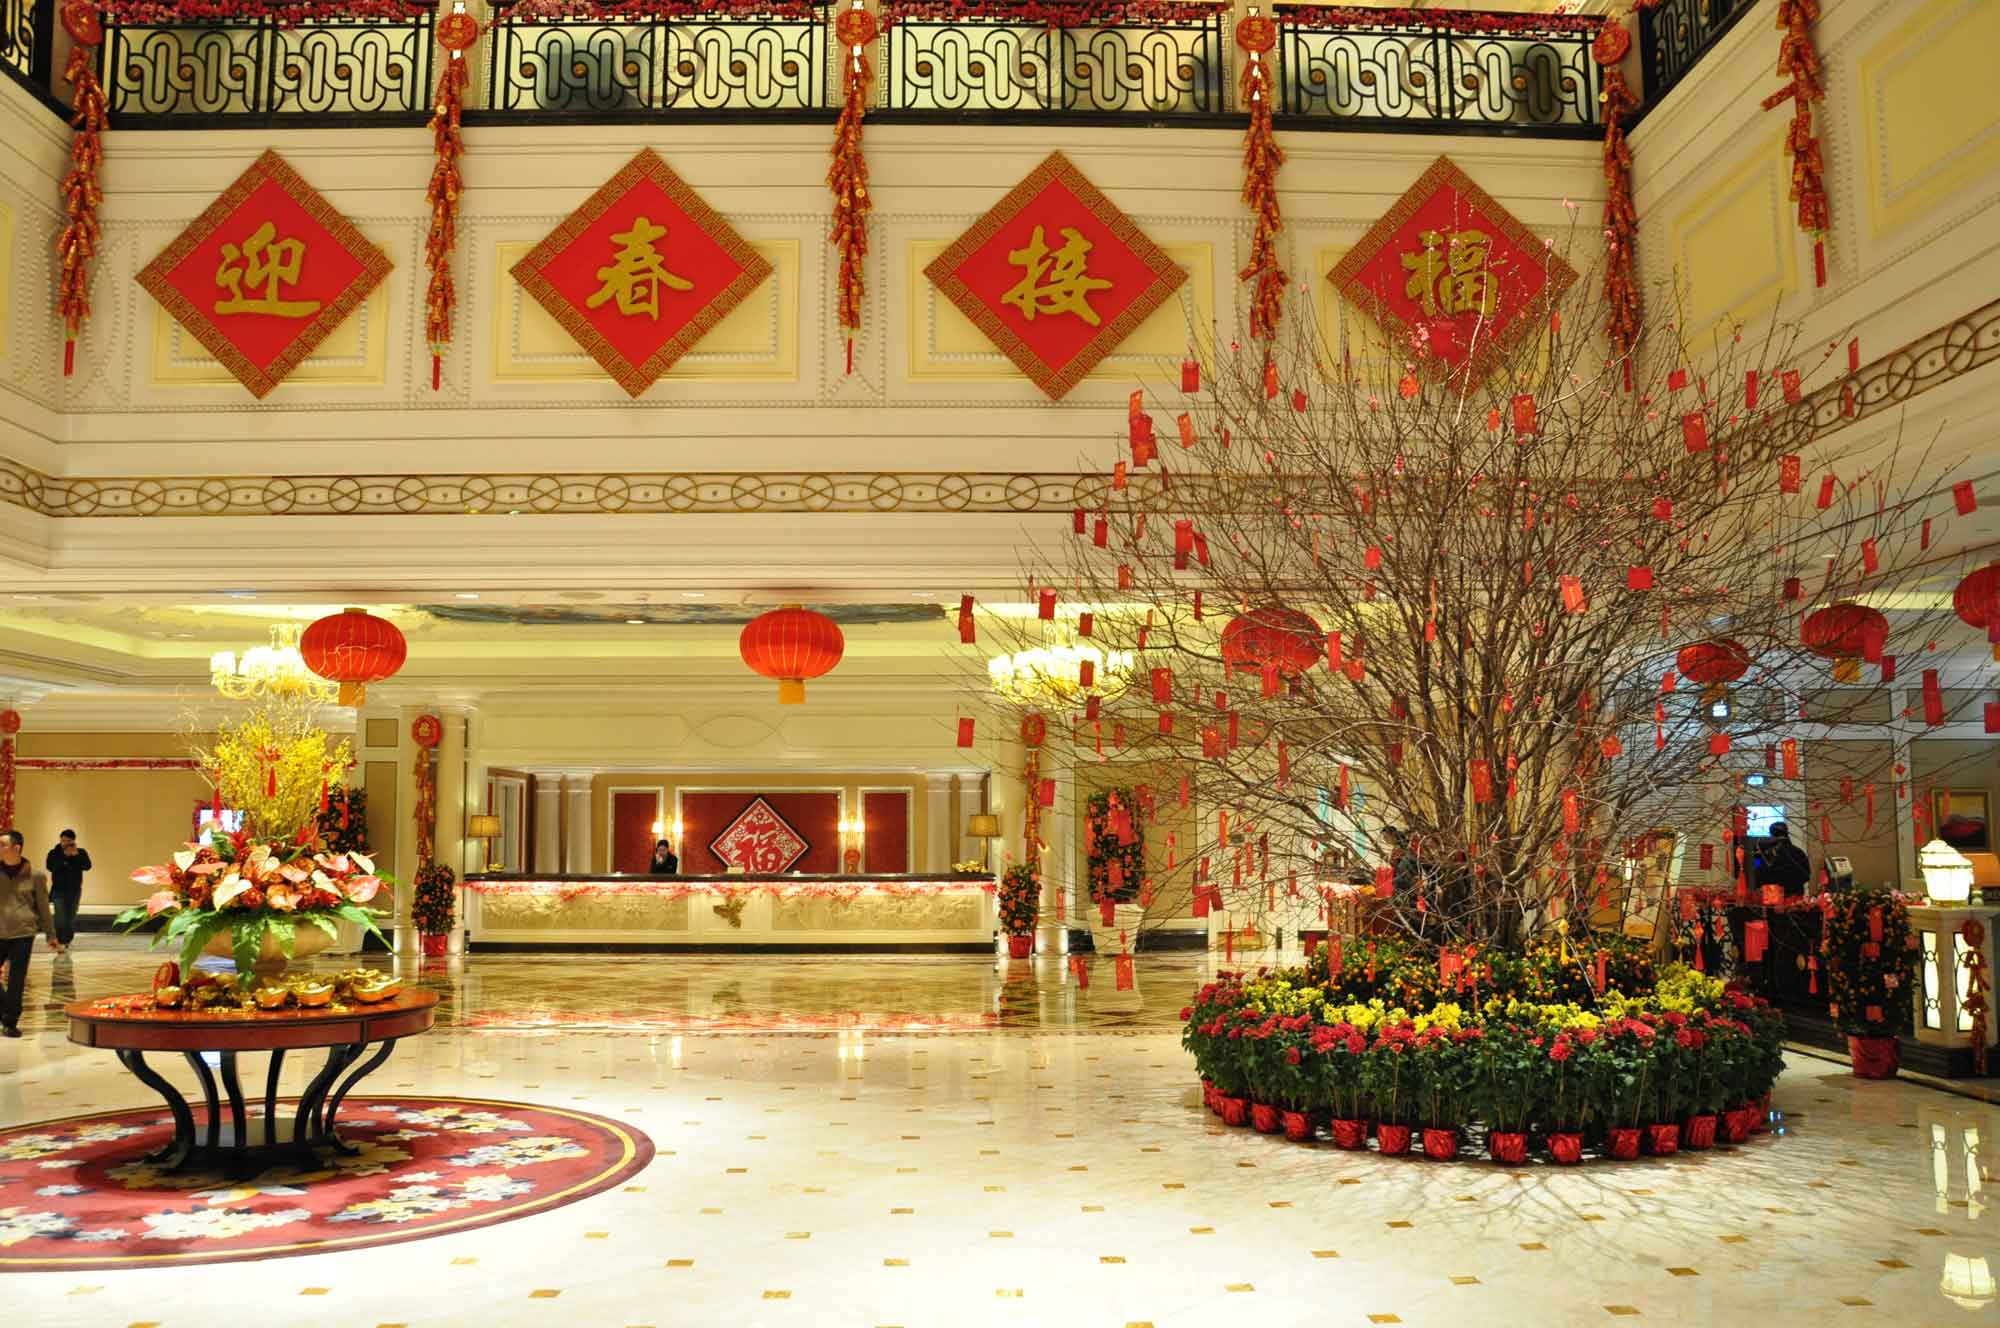 L'Arc Macau Hotel lobby